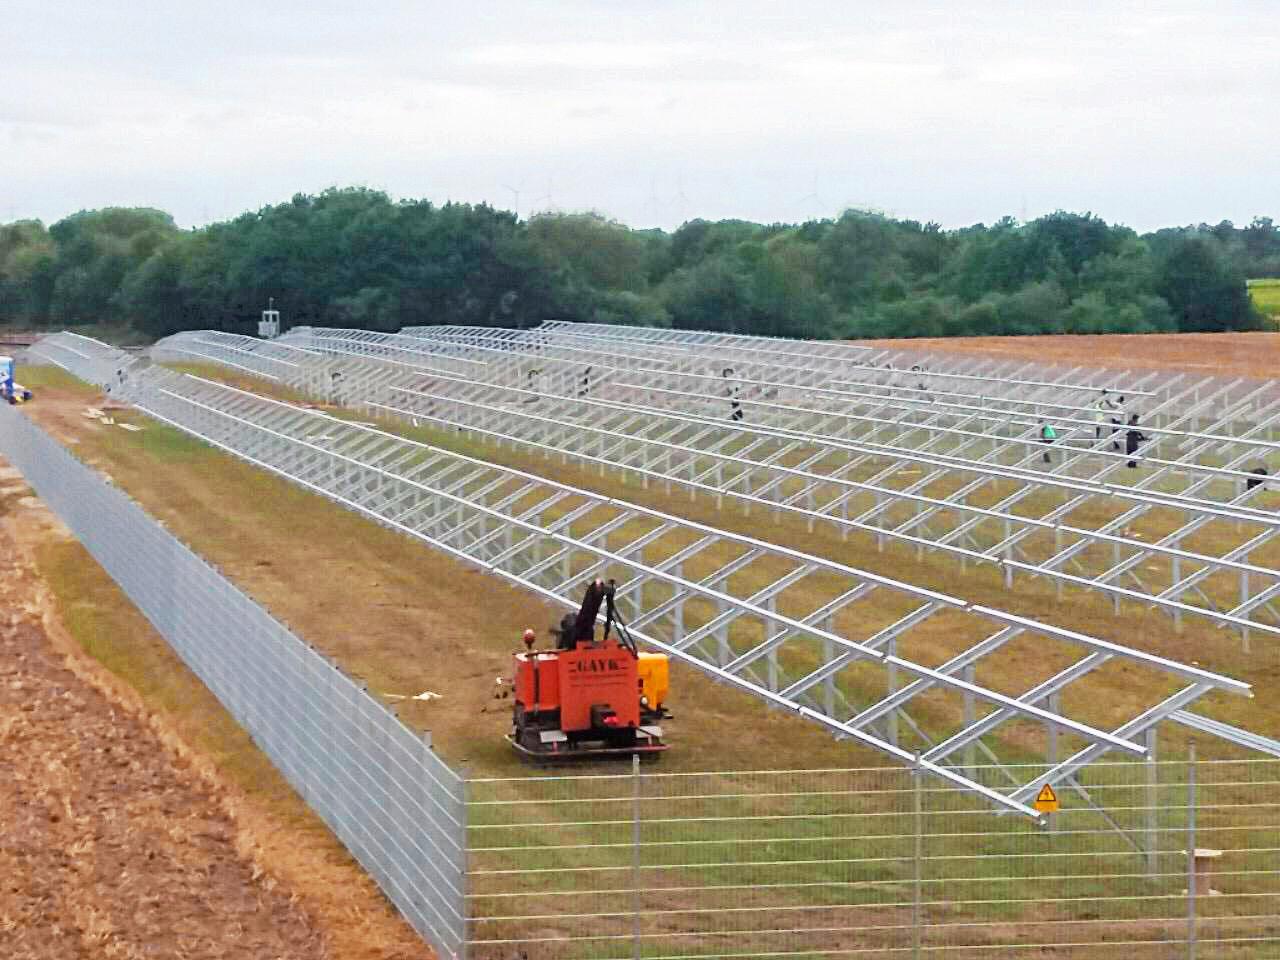 SL Rack Freiflächensystem - 2V | Standort: Nordrhein-Westfalen, Deutschland | Leistung: 749 kWp